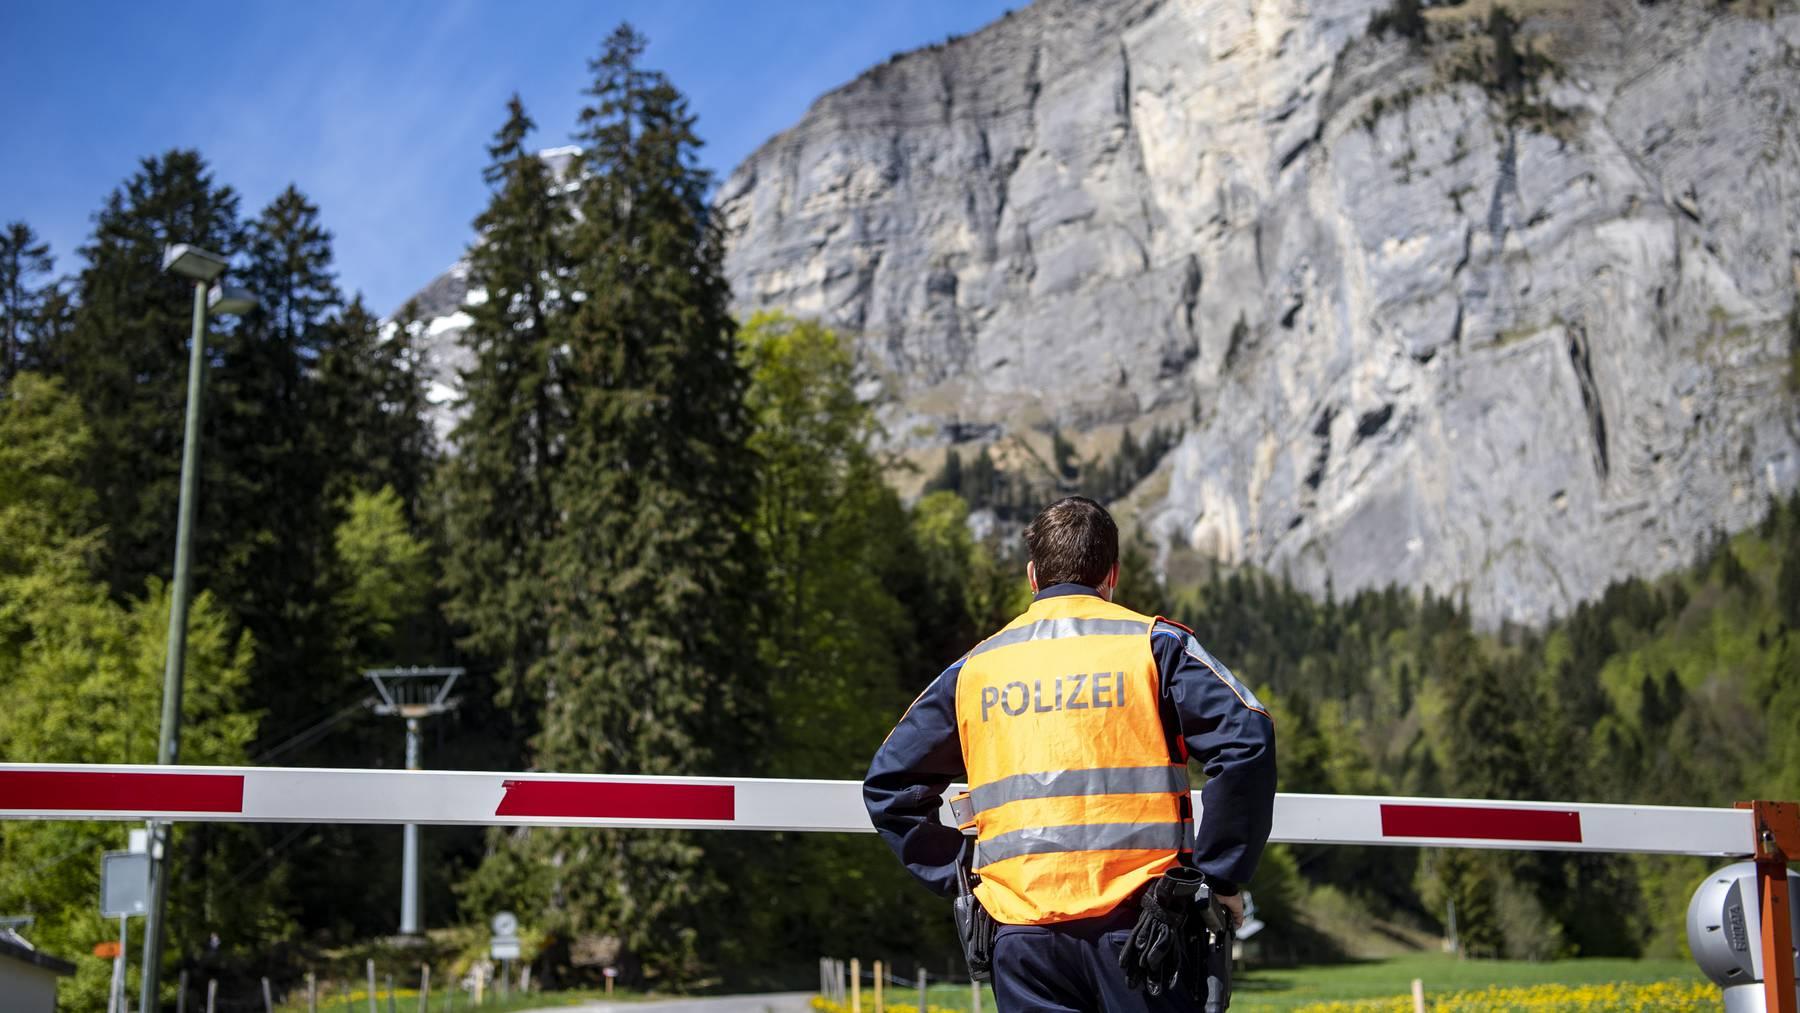 Die Polizei hat die Bergstrasse vom Melchtal nach Melchsee Frutt gesperrt, nachdem ein Flugzeug der Schweizer Armee im Luftraum der Melchsee Frutt abgestuerzt ist, am Mittwoch, 26. Mai 2021.